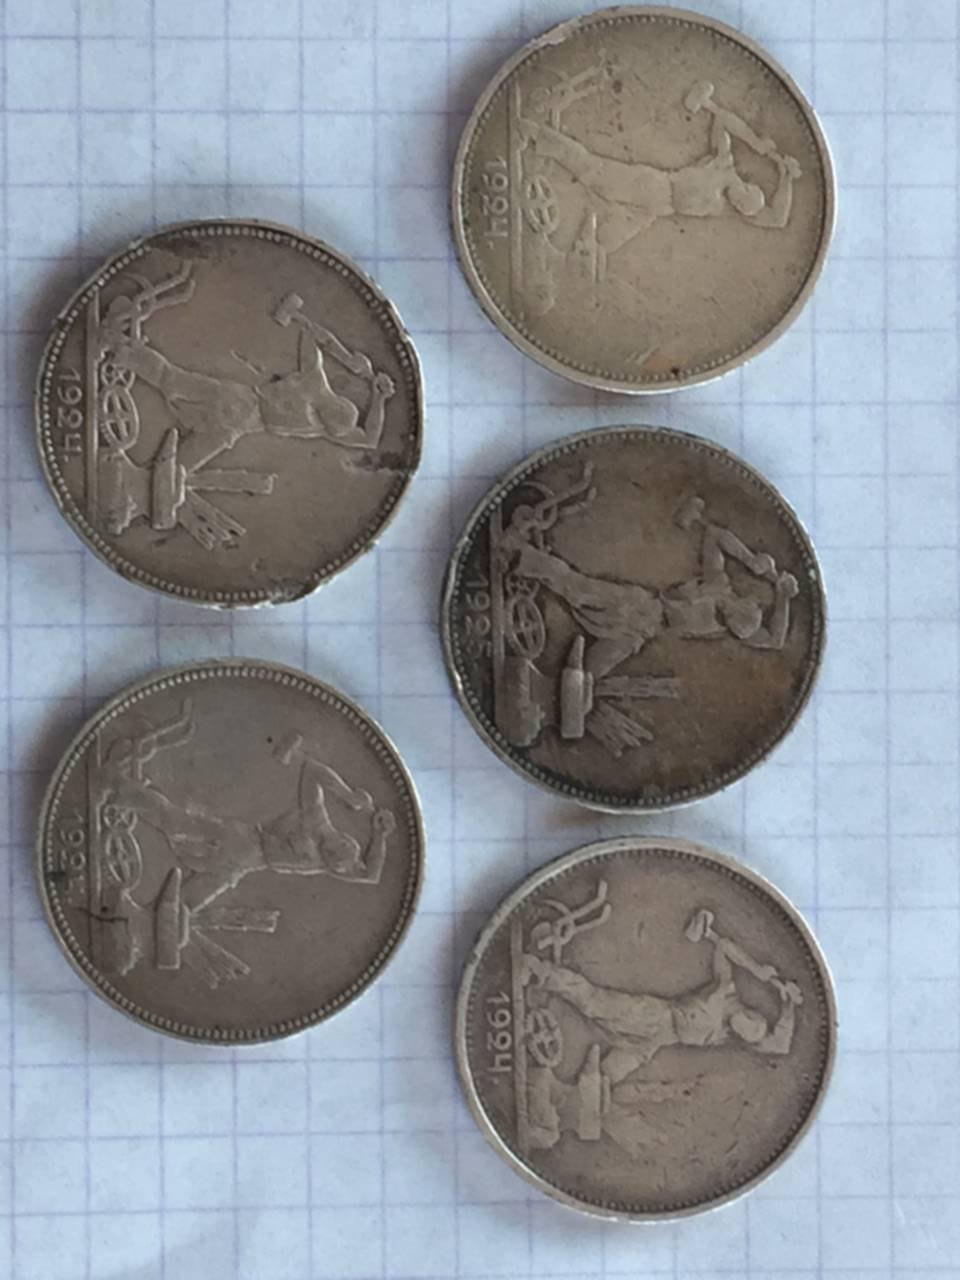 определение старых монет по фото отмечает, что давление